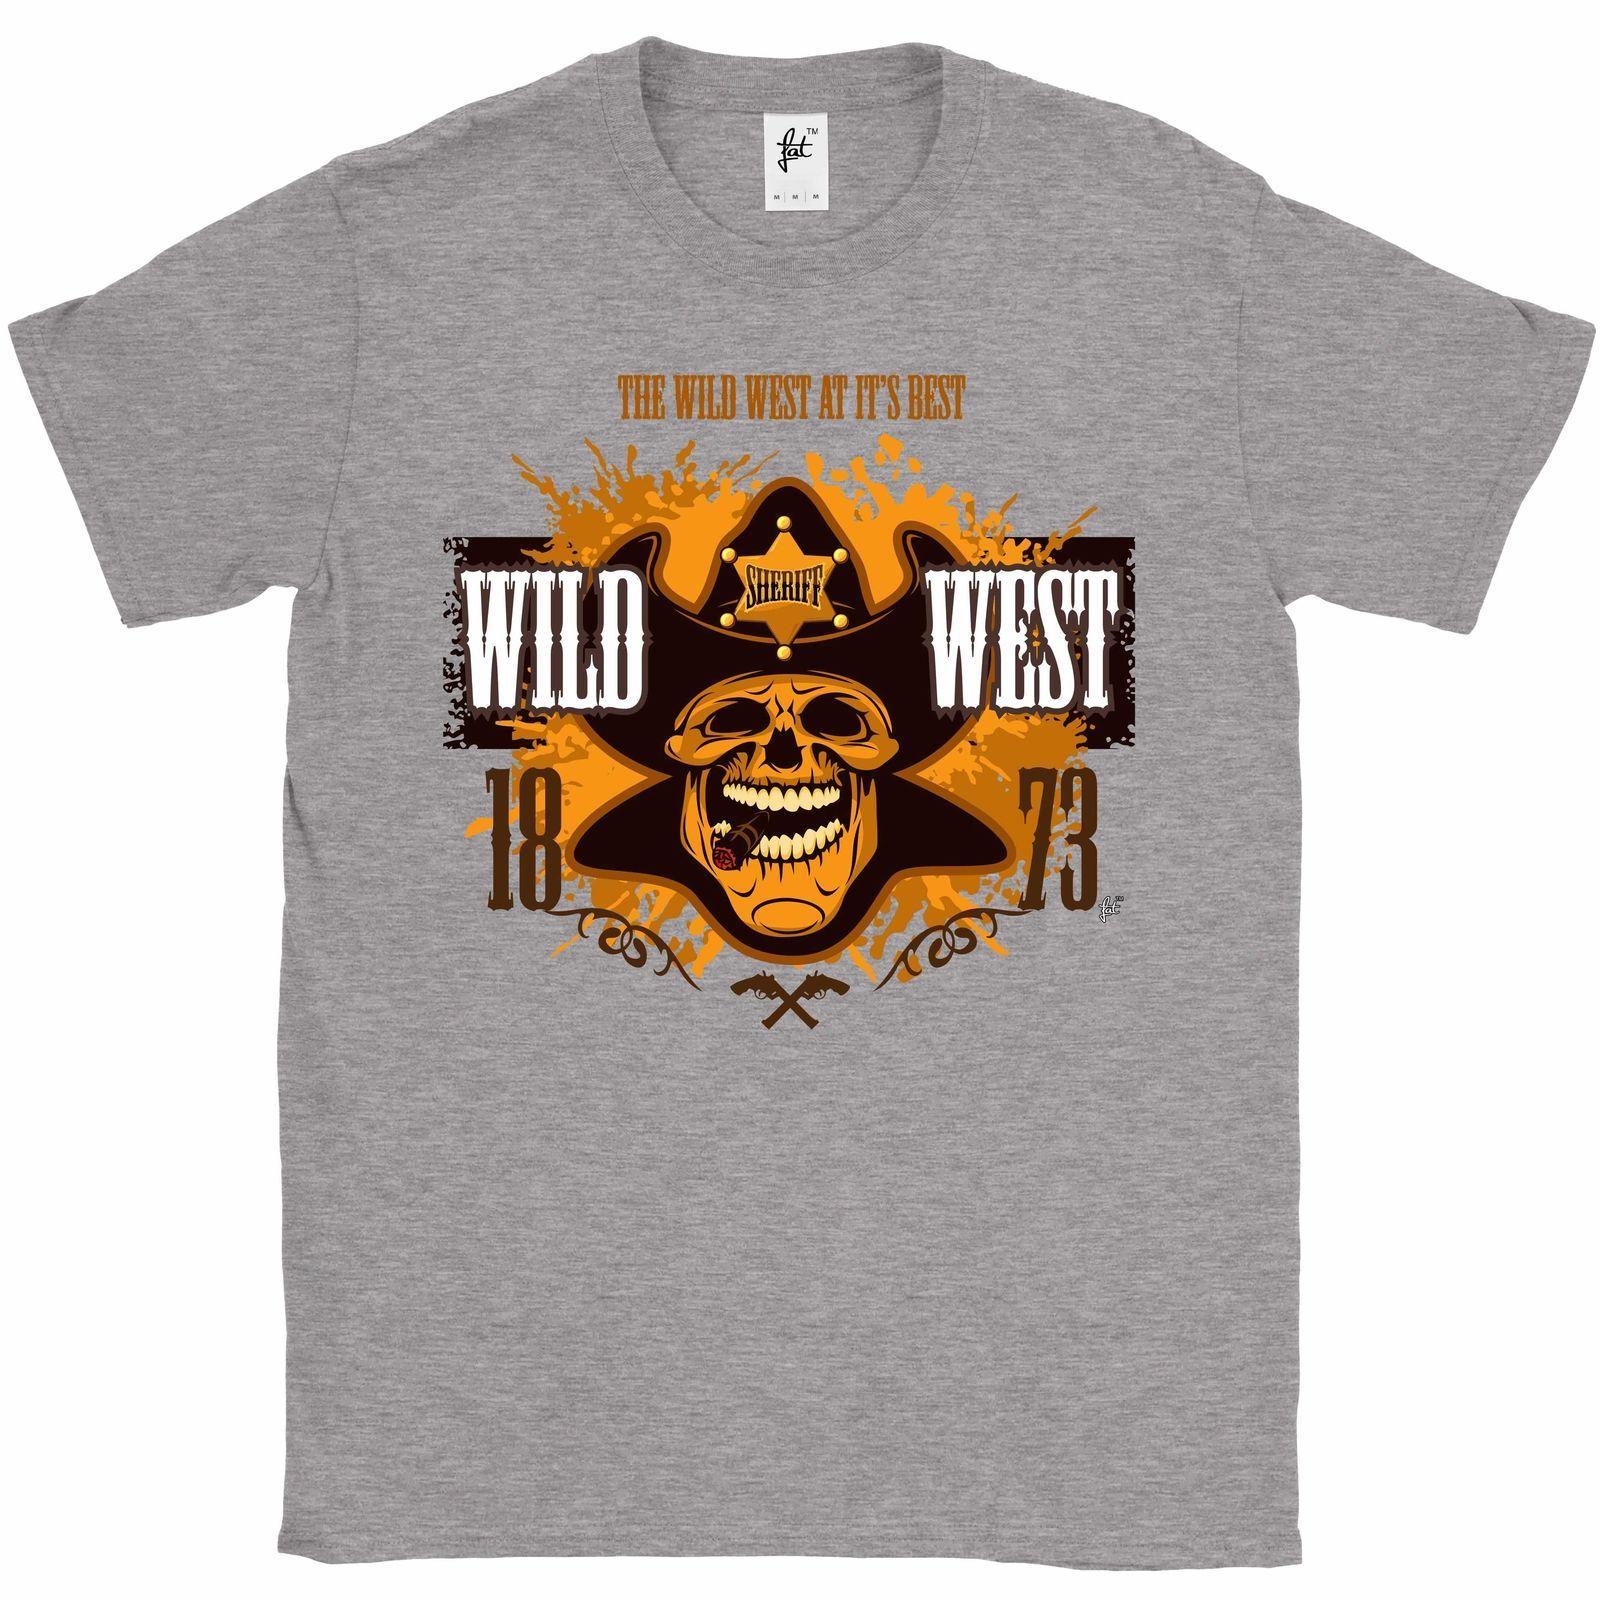 f98cebef6414 Дикий Запад в это лучший Ковбой Шериф череп мужская футболка с капюшоном  хип-хоп ...